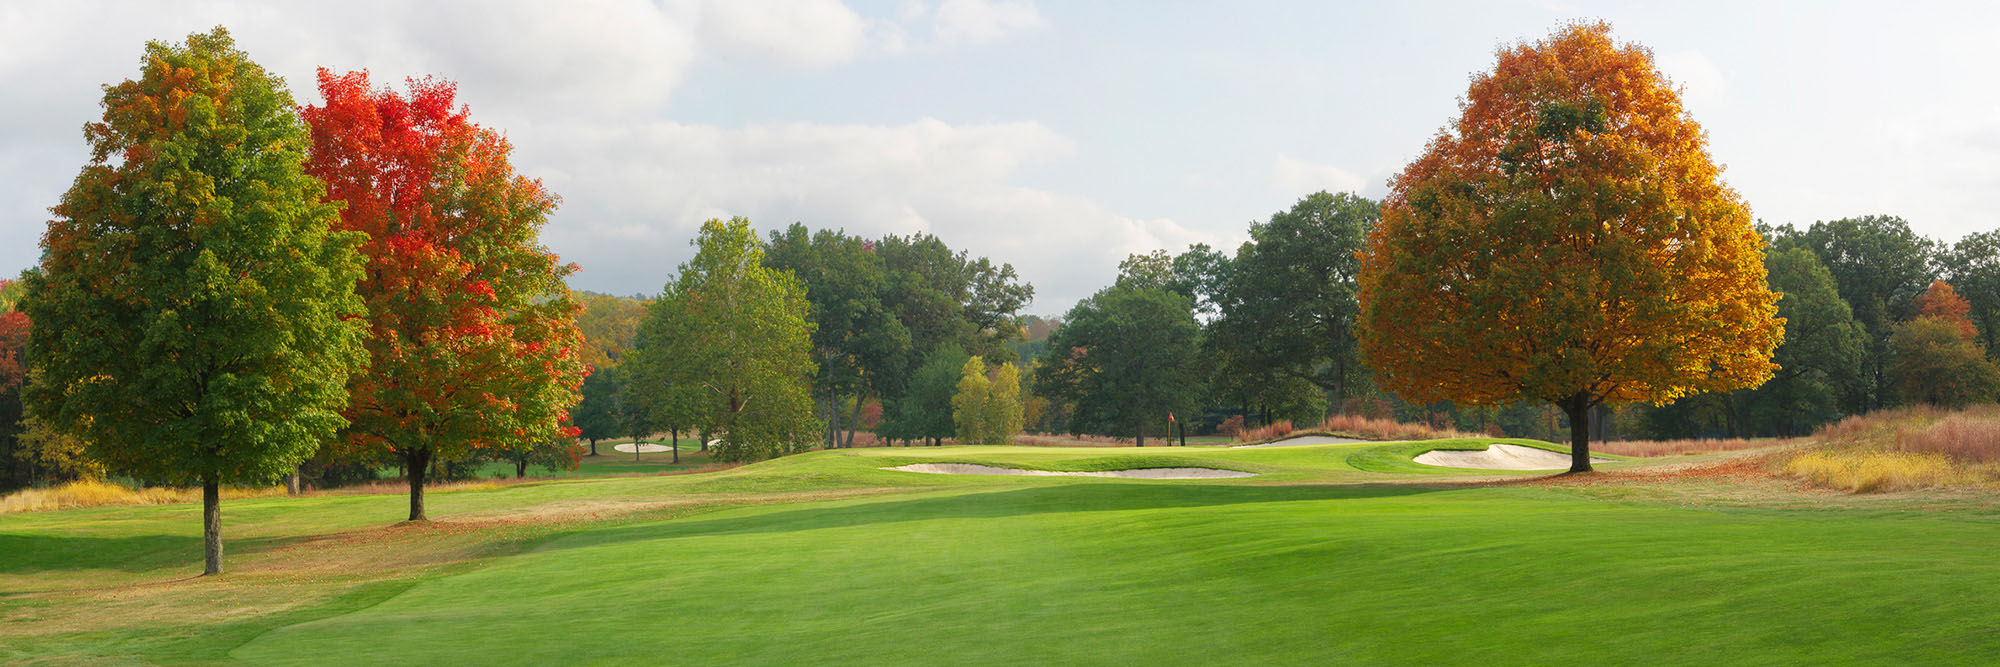 Golf Course Image - The Tuxedo Club No.10